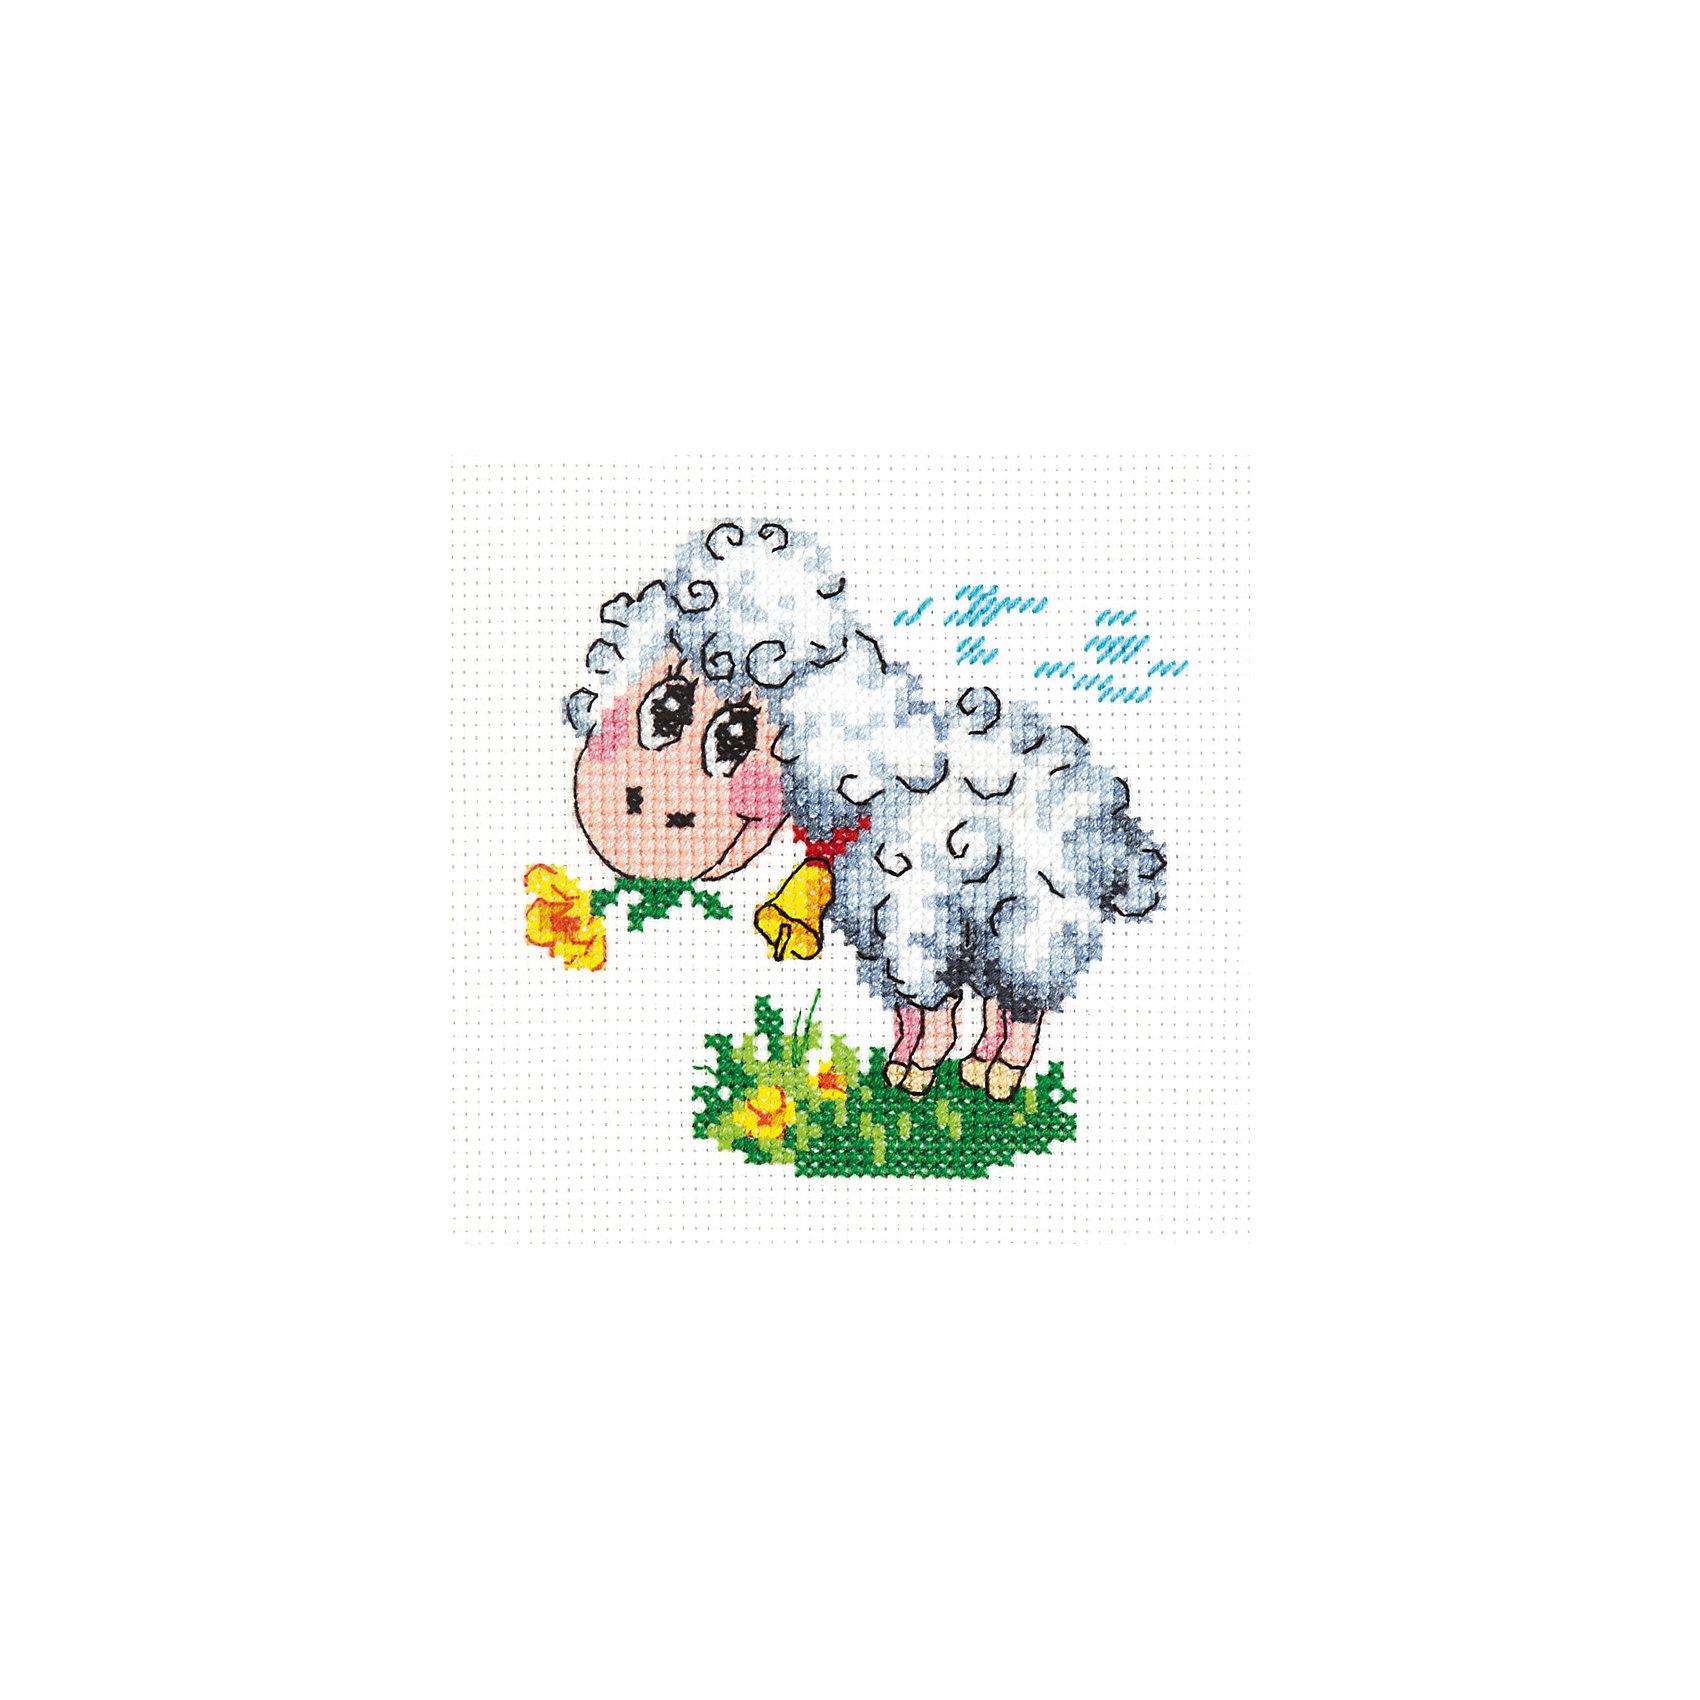 Чудесная игла Набор для вышивания крестом «И будет Вам Счастье!» набор для вышивания бисером светлица пресвятая богородица семистрельная 12 см х 16 см page 10